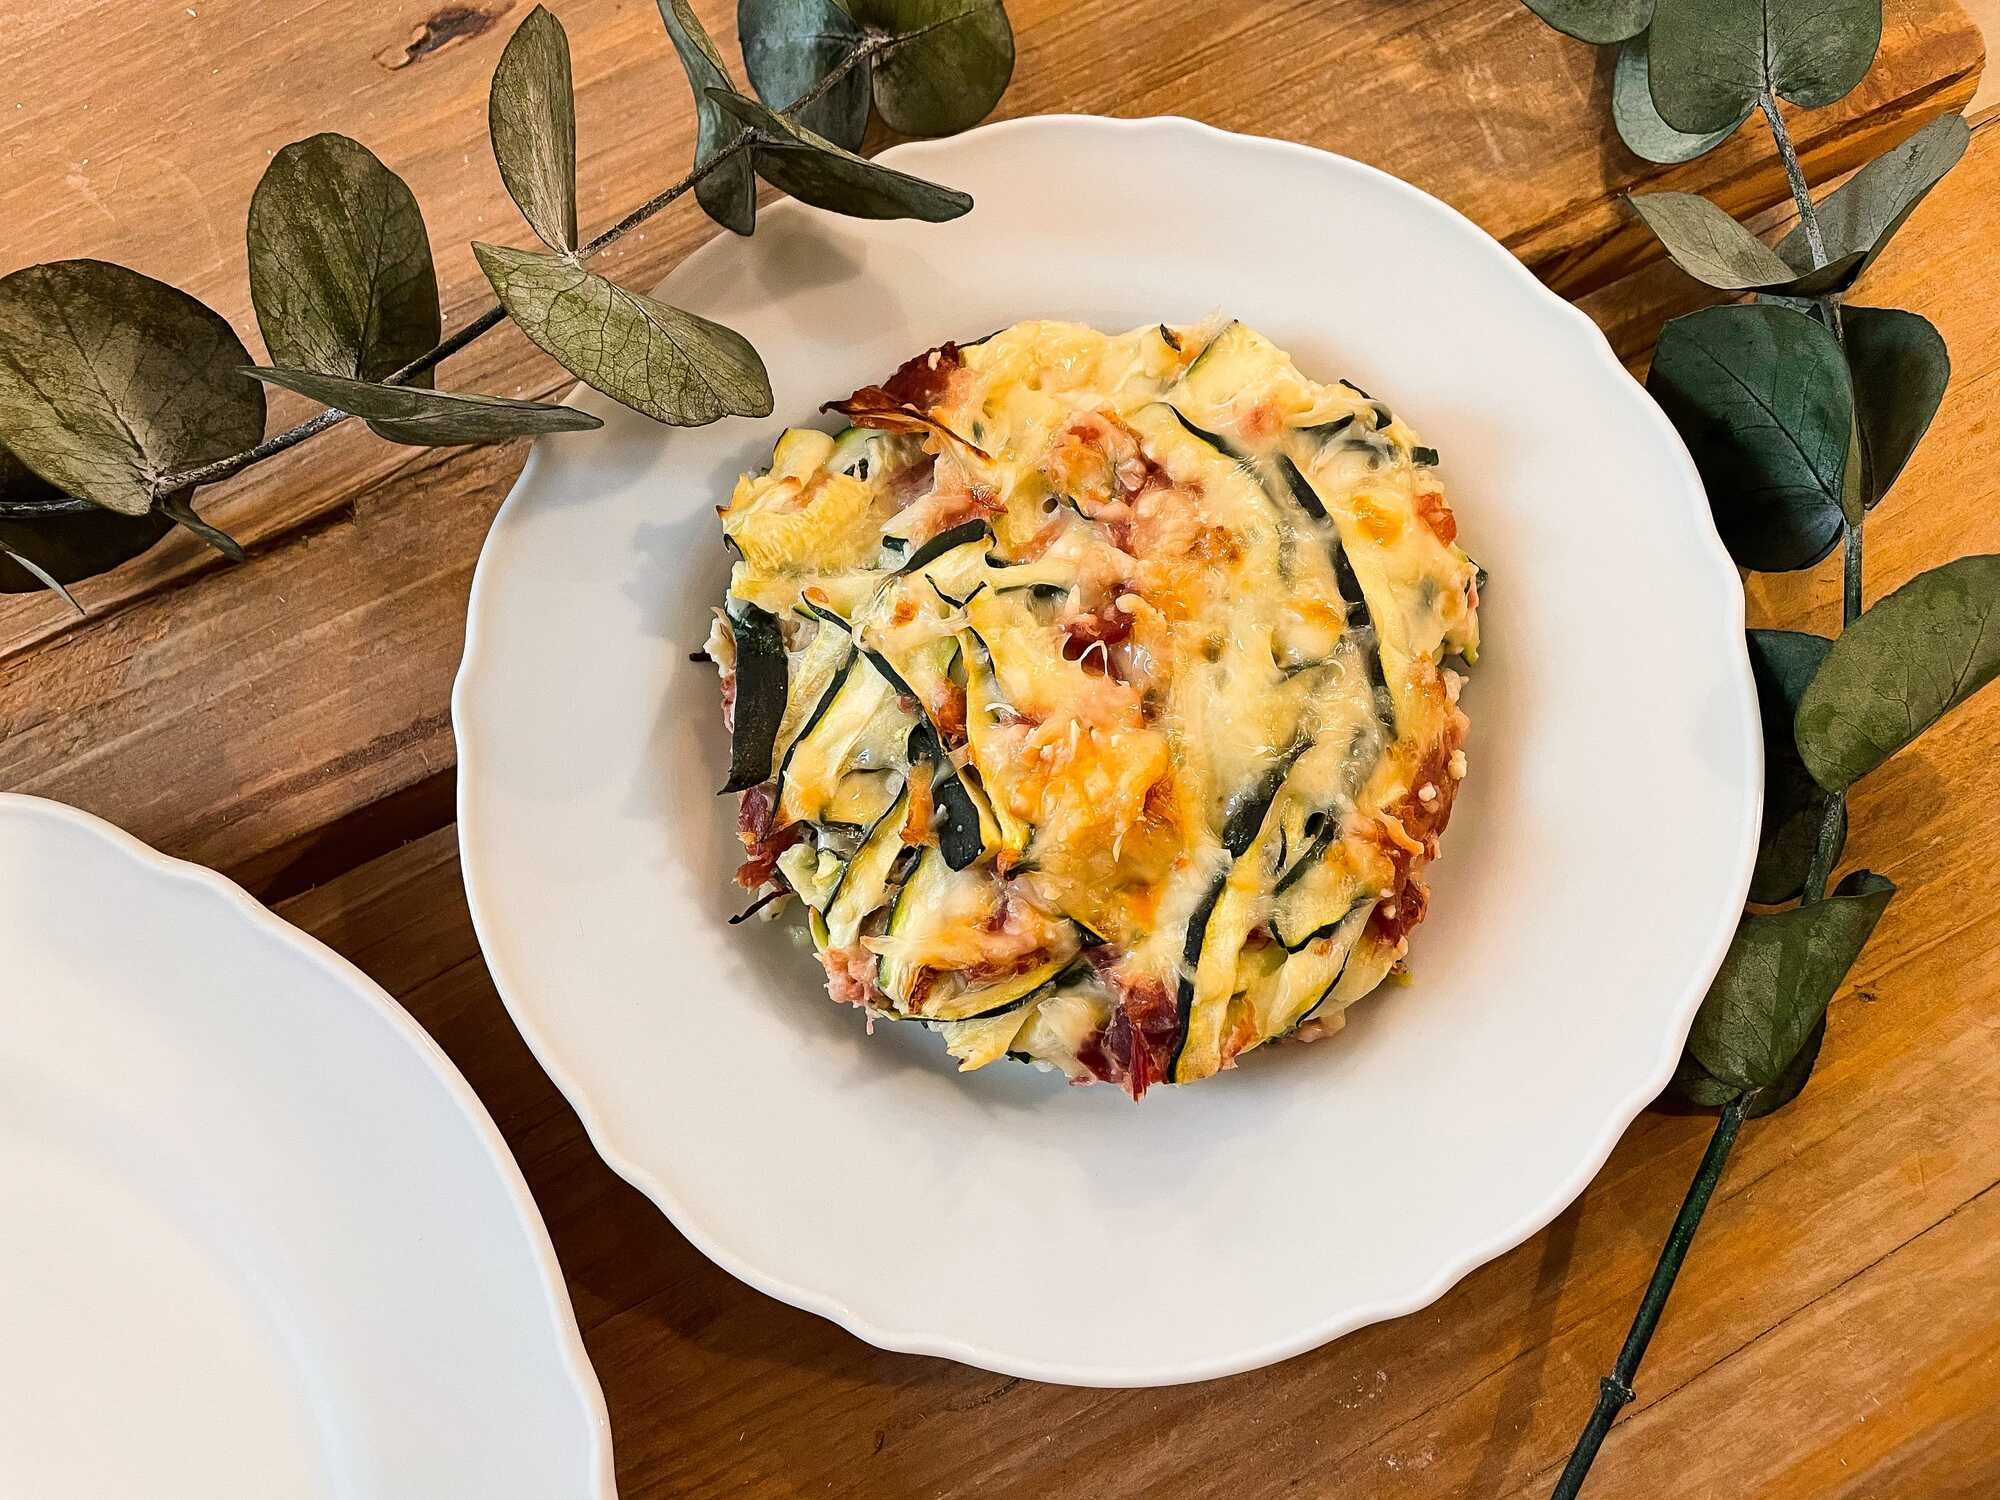 Présenté dans une assiette creuse de couleur blanche, disposée sur une table en bois clair, ce gratin semble très appétissant.